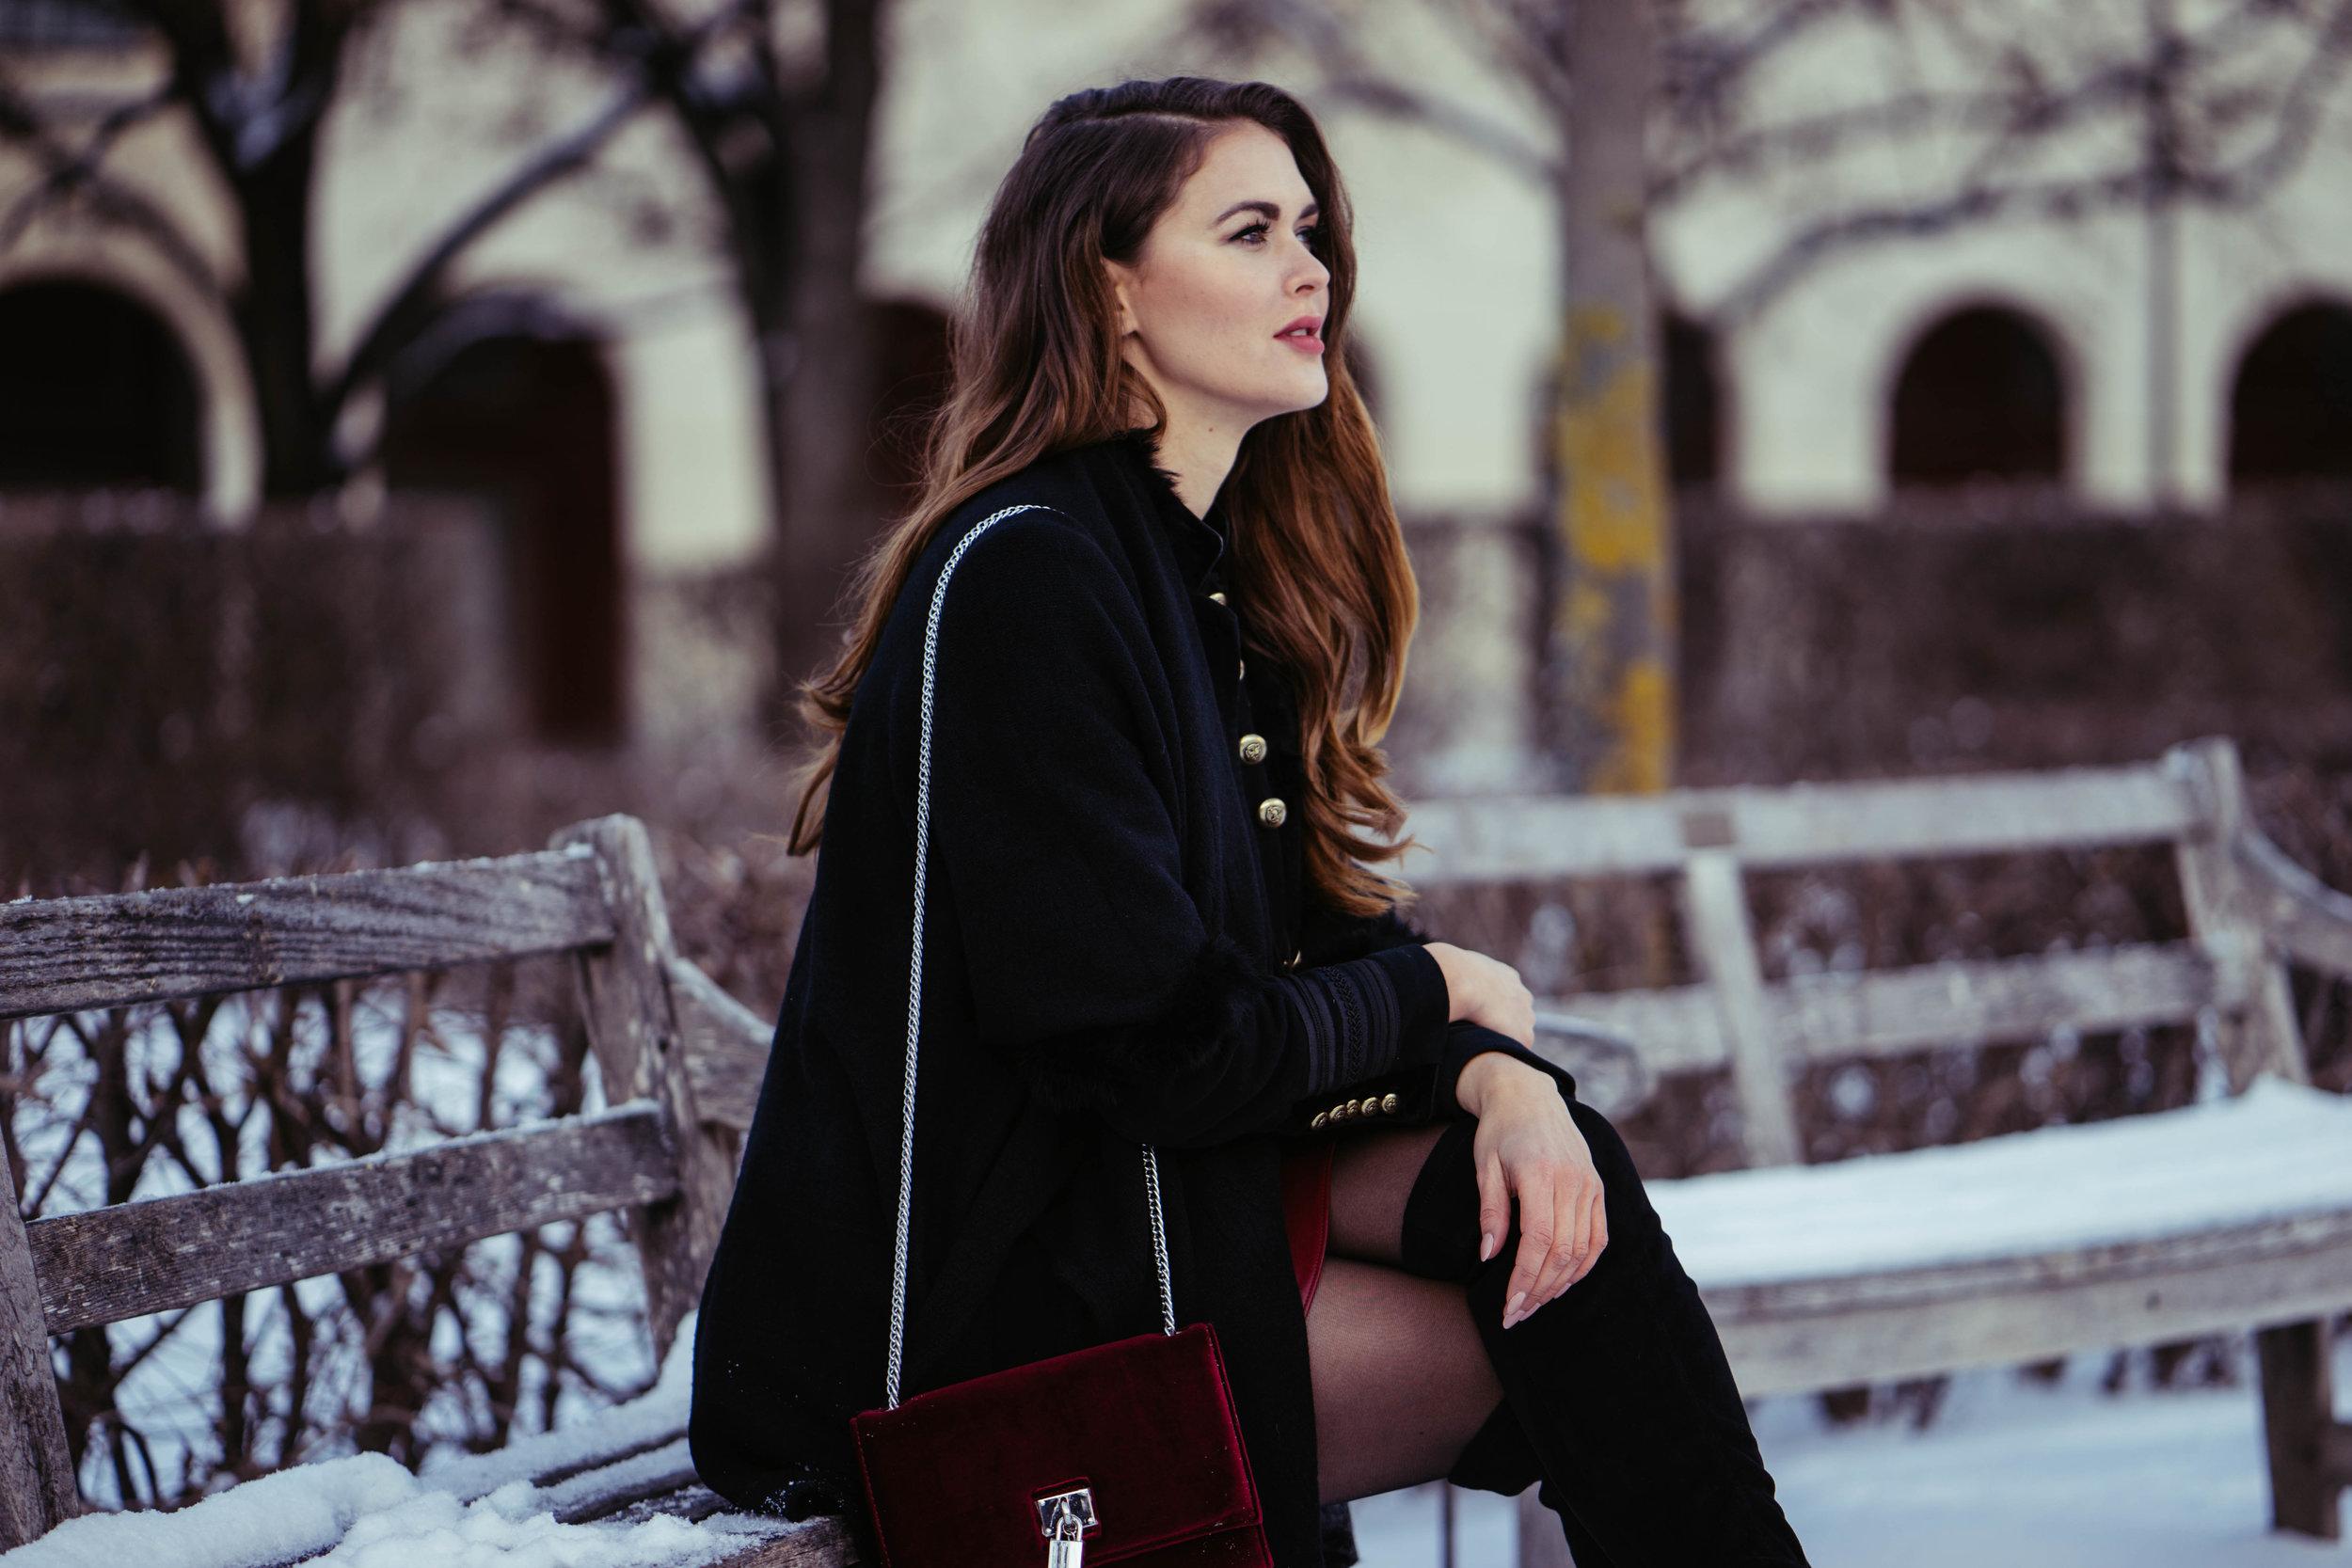 Winter shoot for Julia